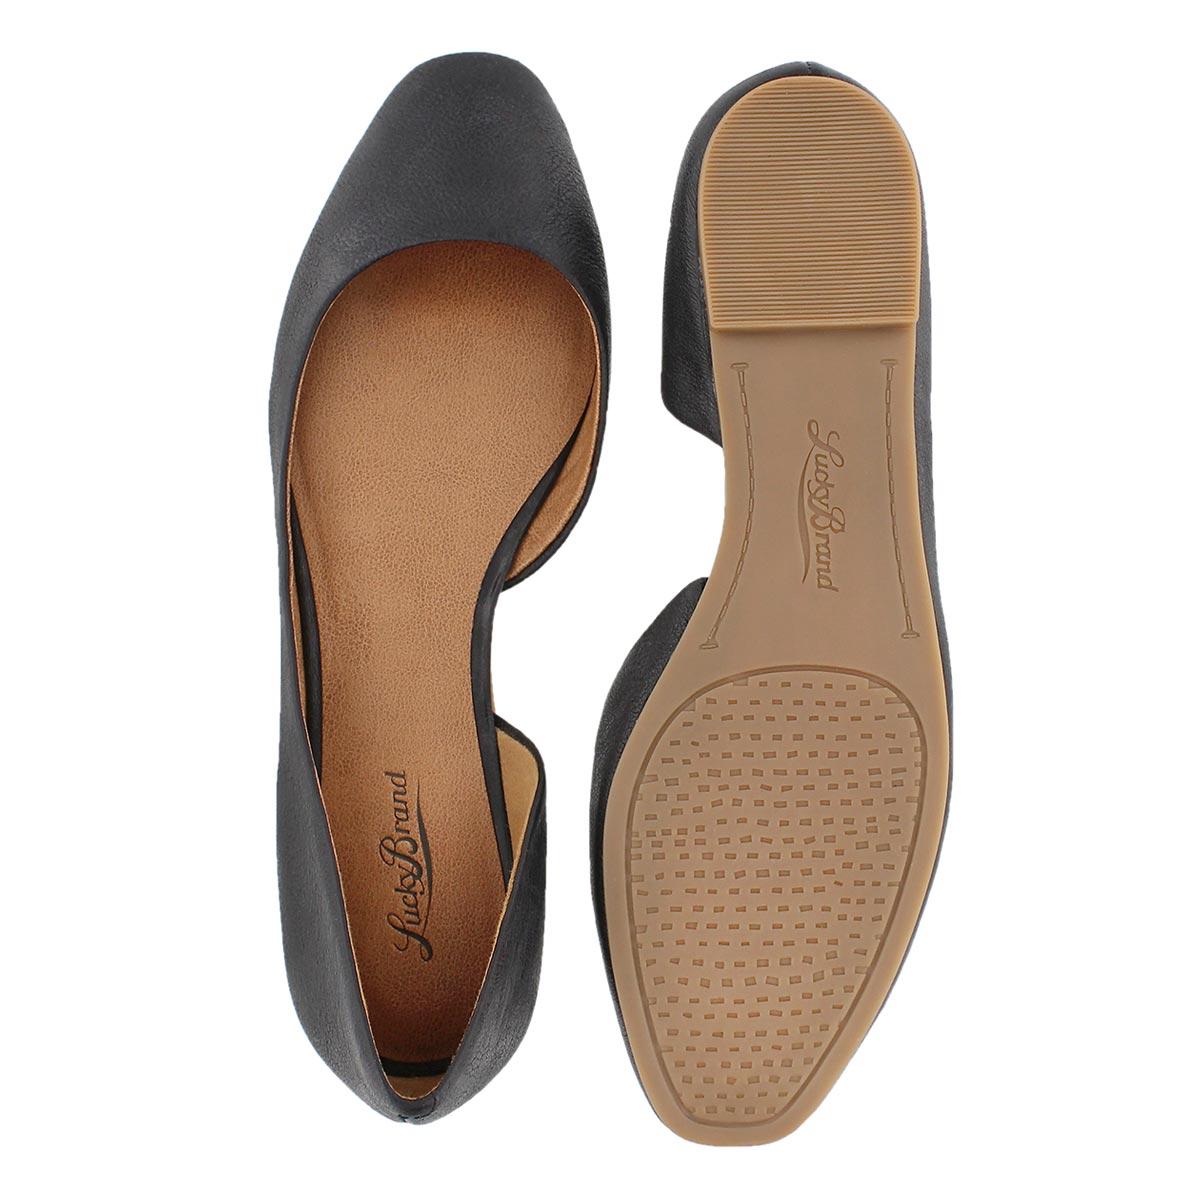 Lds Randall black slip on shoe